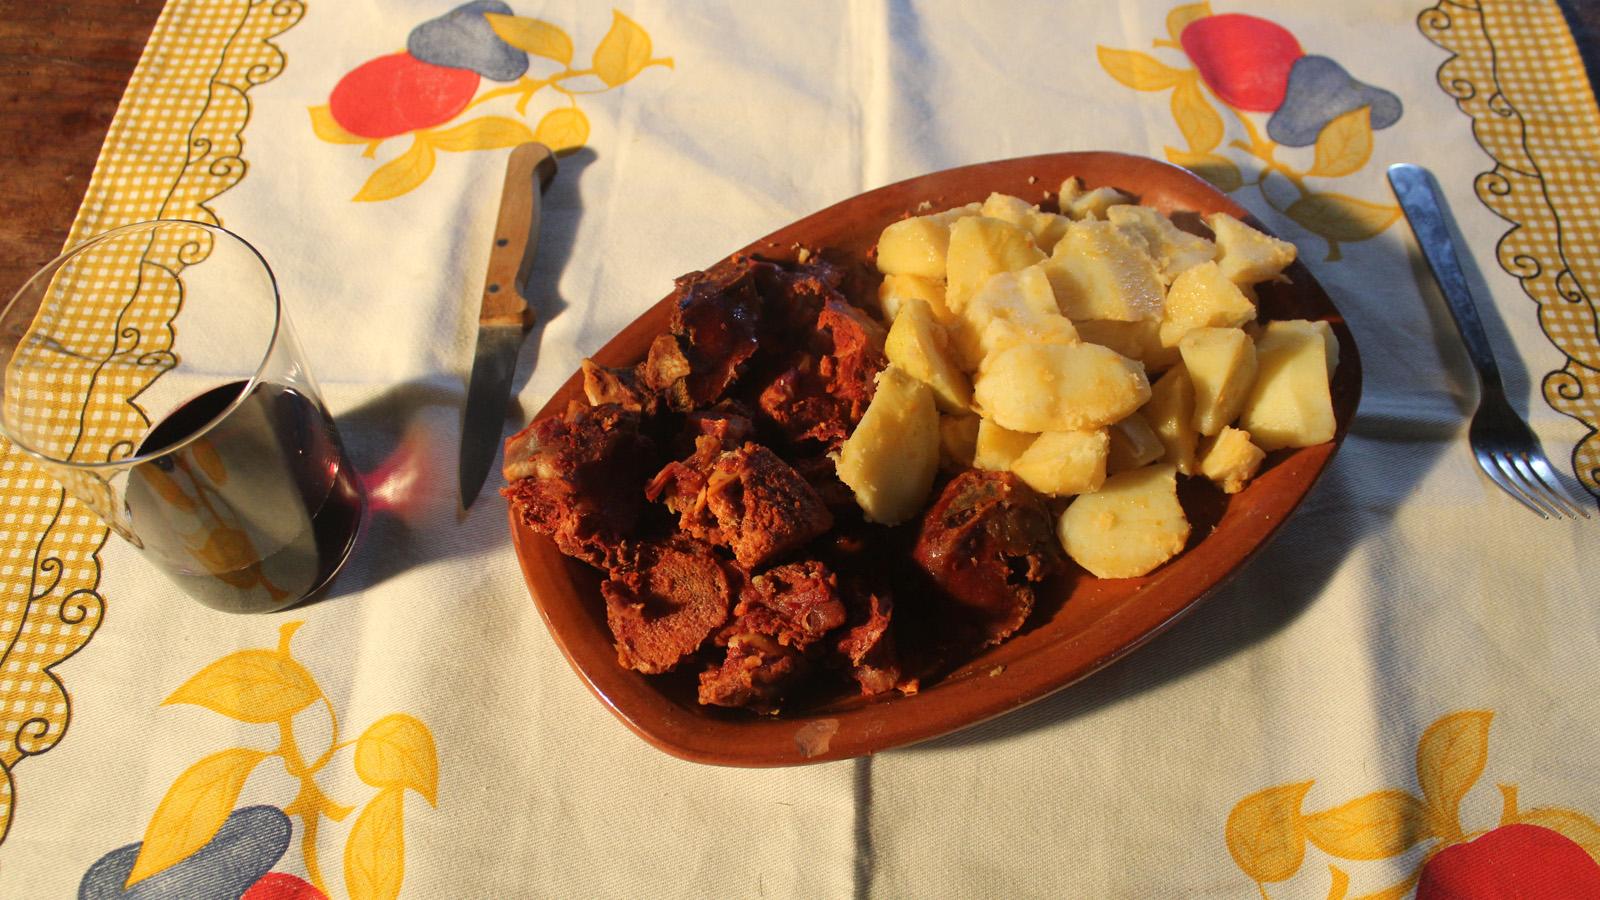 Botillo de yosco canal cocina receta canal cocina - Canal de cocina ...